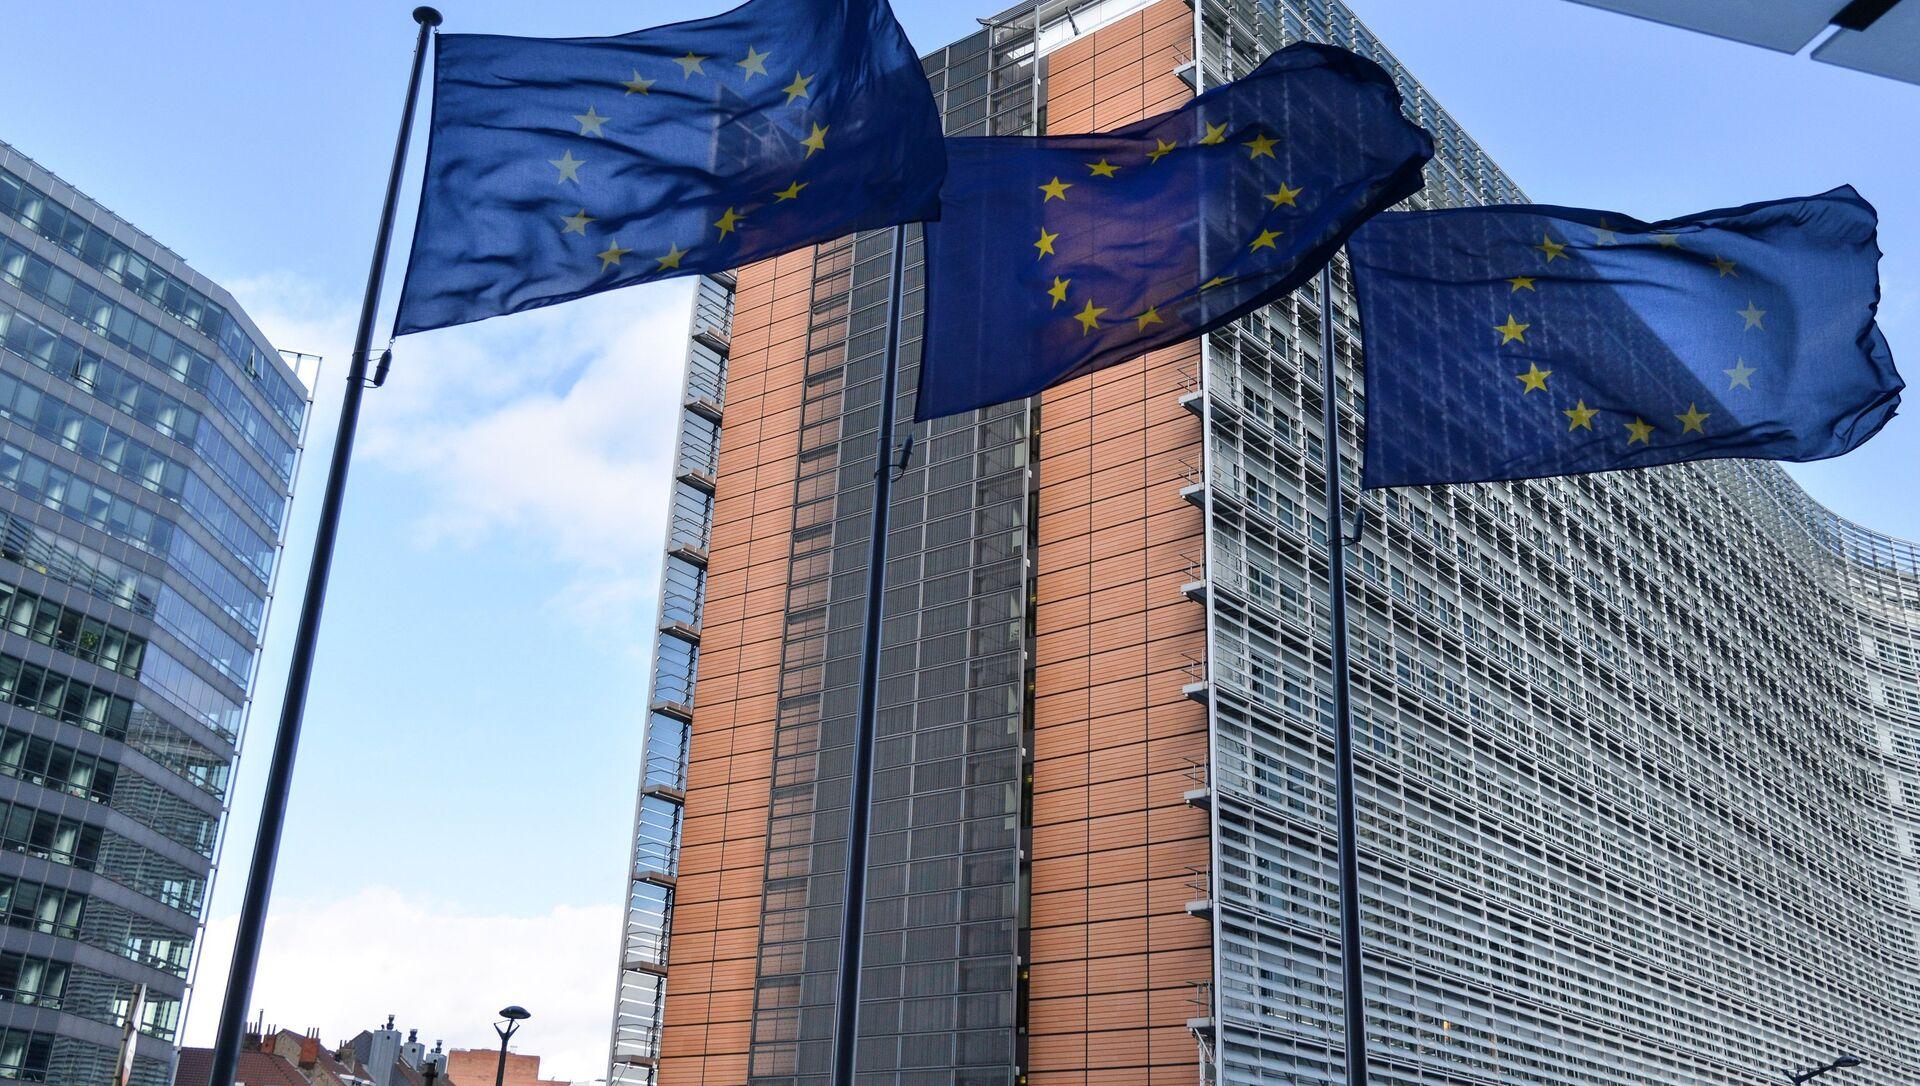 Заседание Европейского Совета в Брюсселе - Sputnik Беларусь, 1920, 25.02.2021